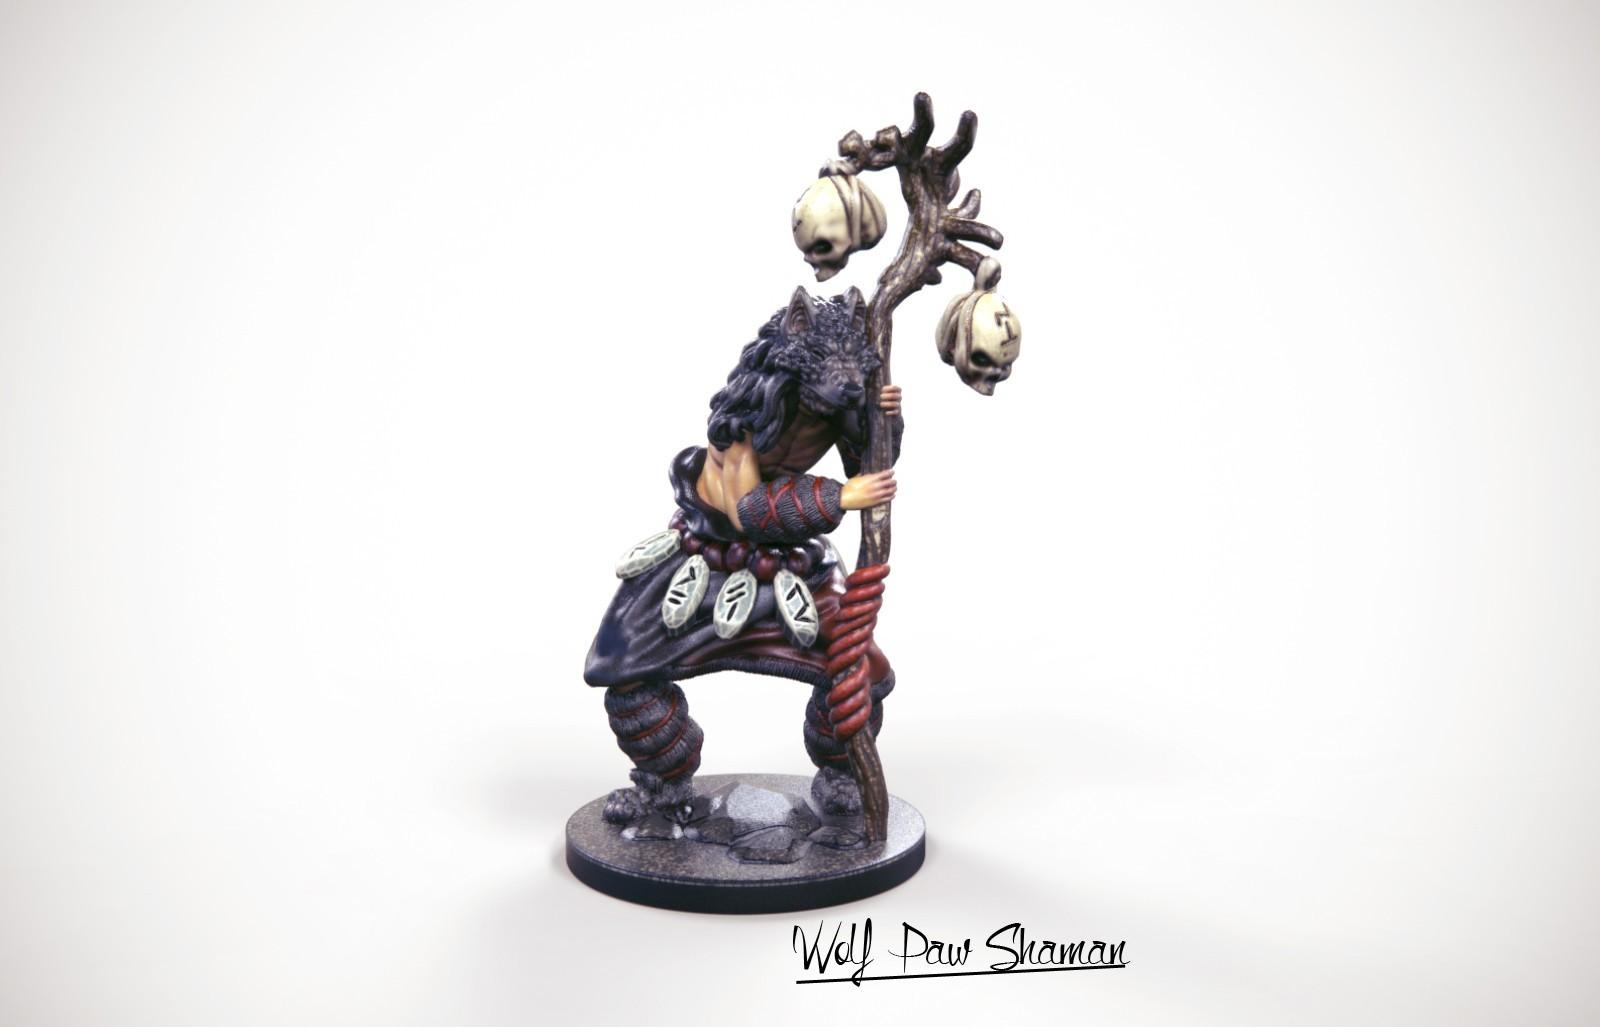 32mm miniature Wolf Paw Shaman